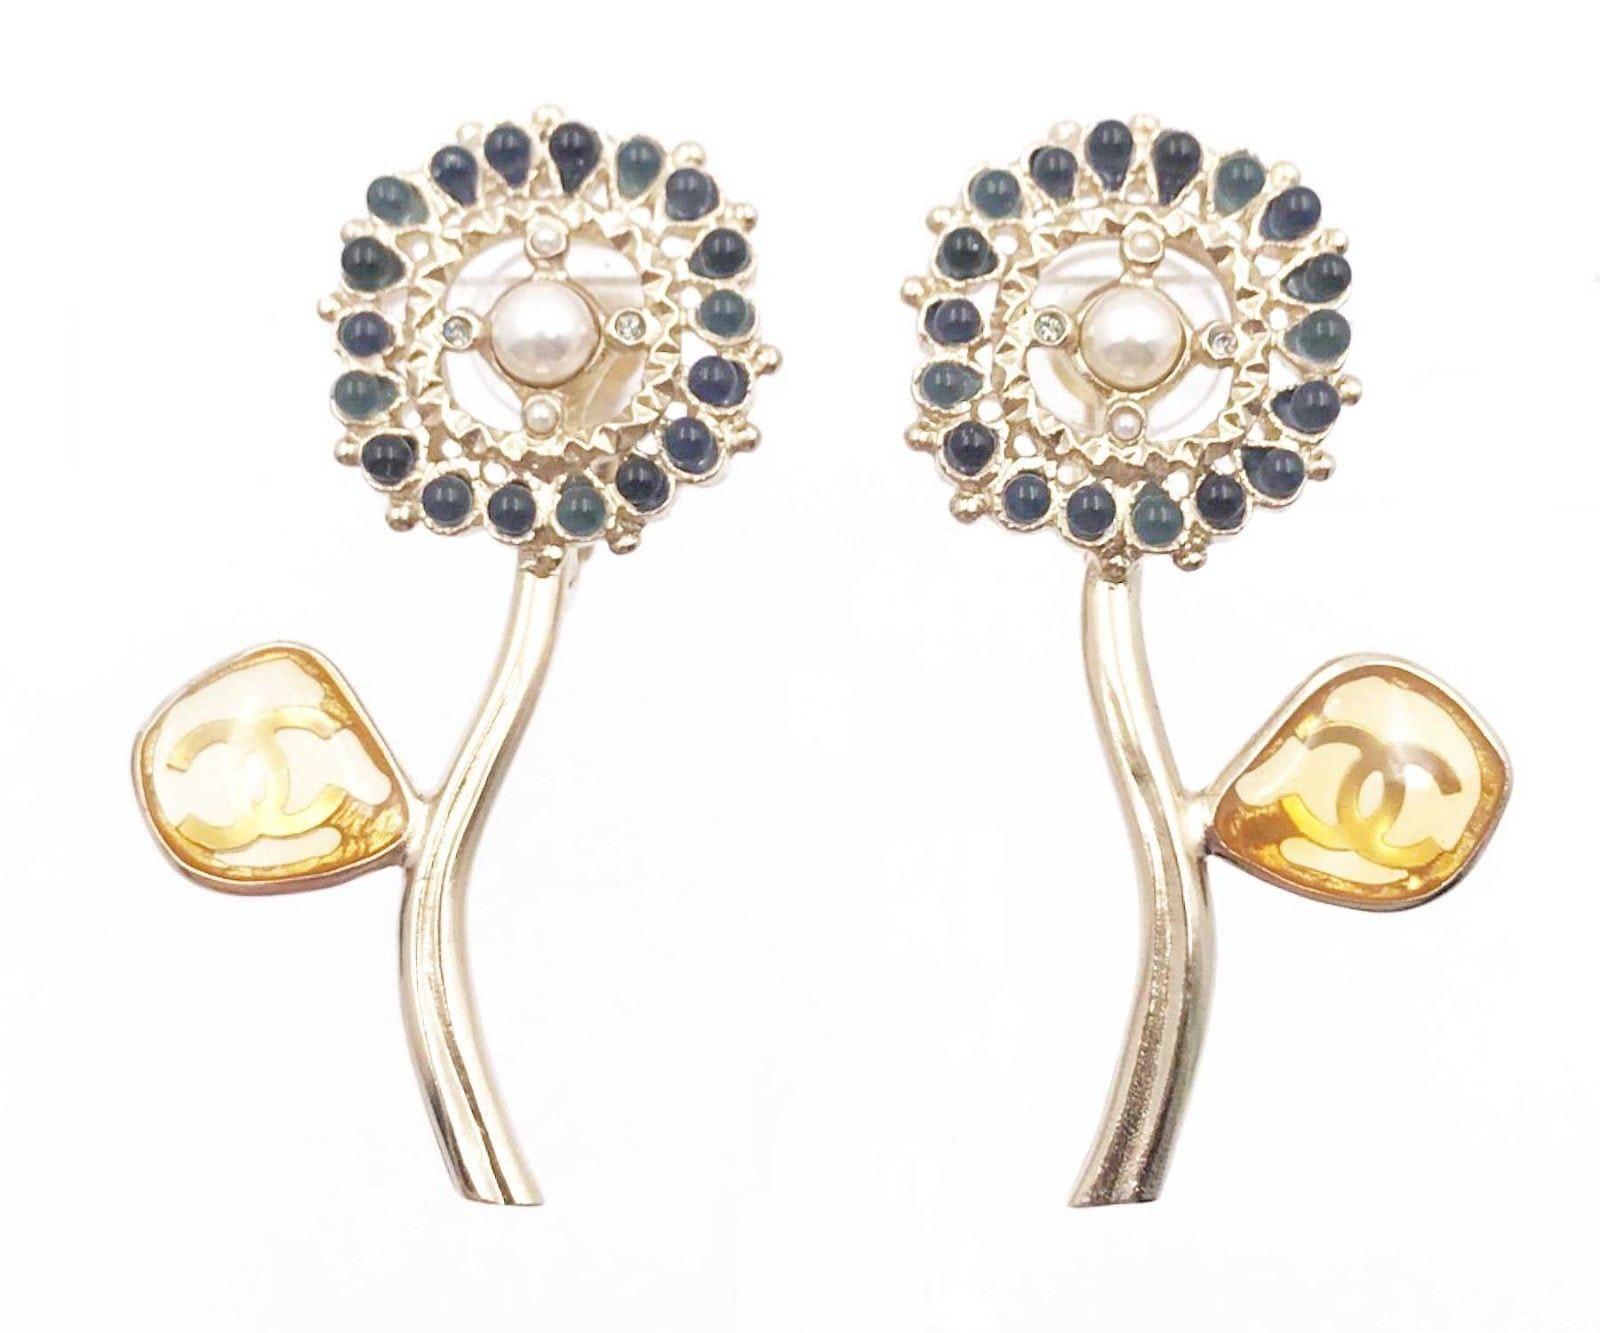 Chanel Flower Clip On Earrings Blue/Silver